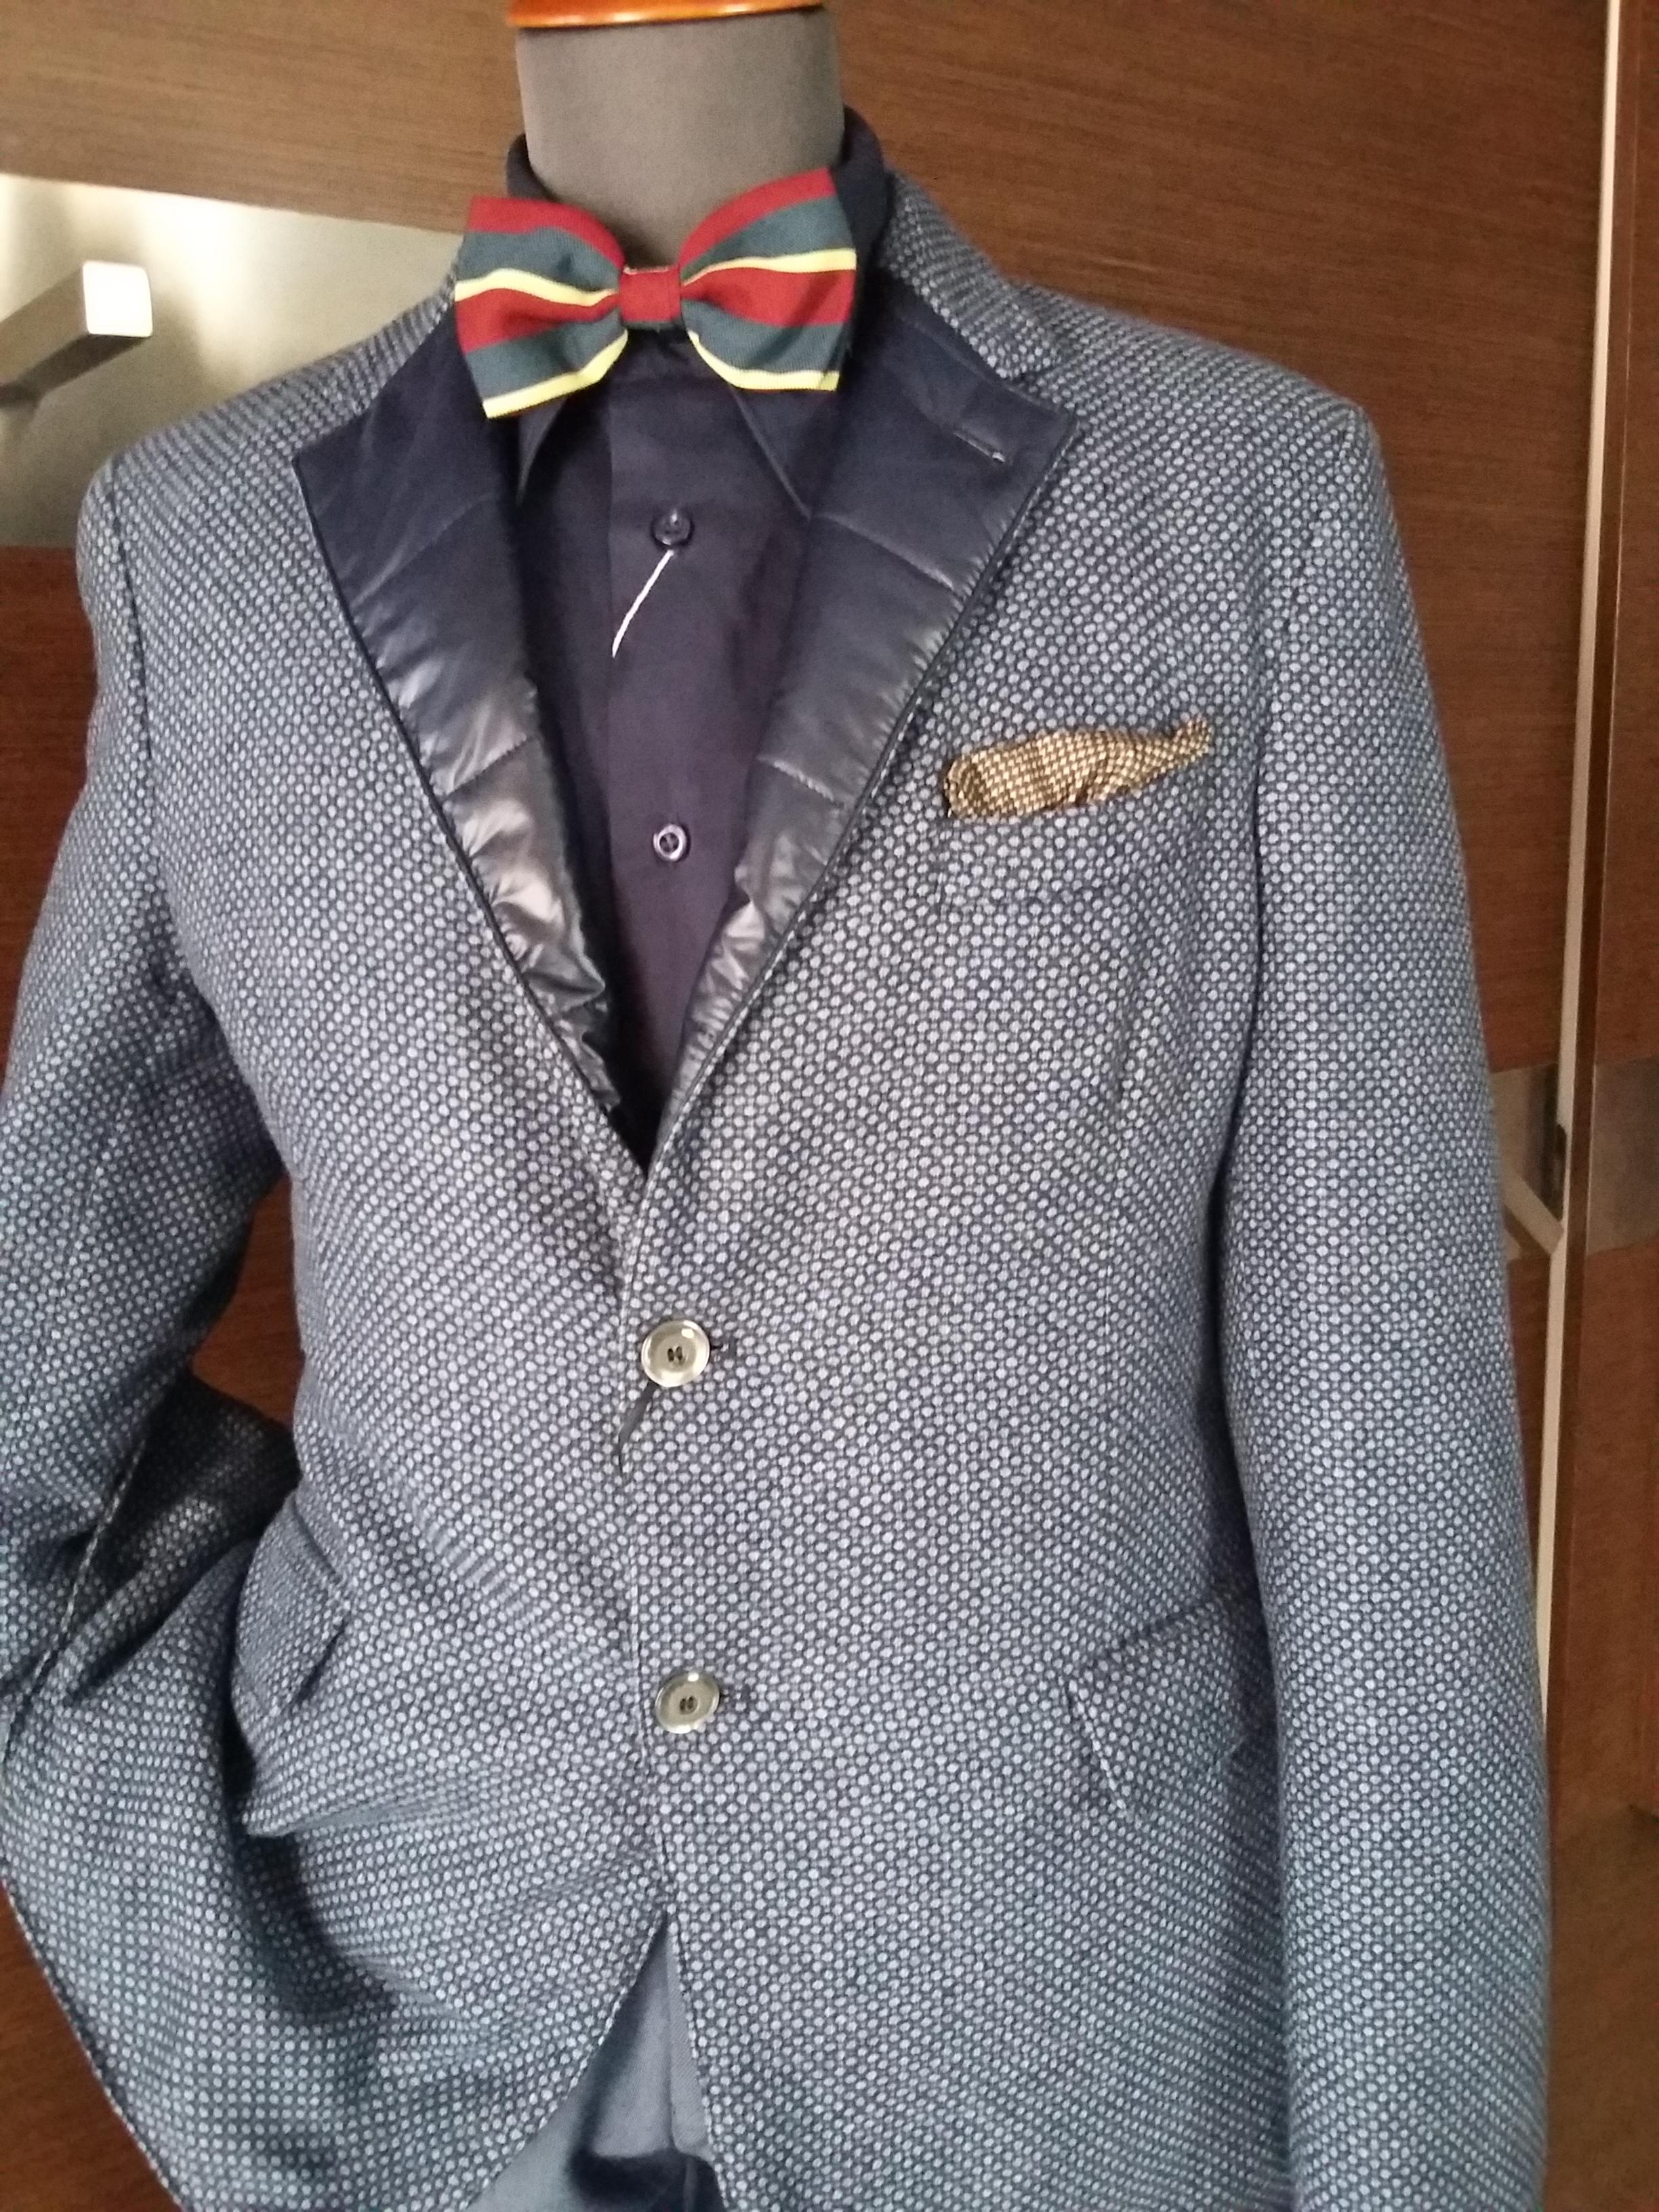 promo code 7dbe9 c0a0b Giacca da uomo : quando la possiamo indossare ?